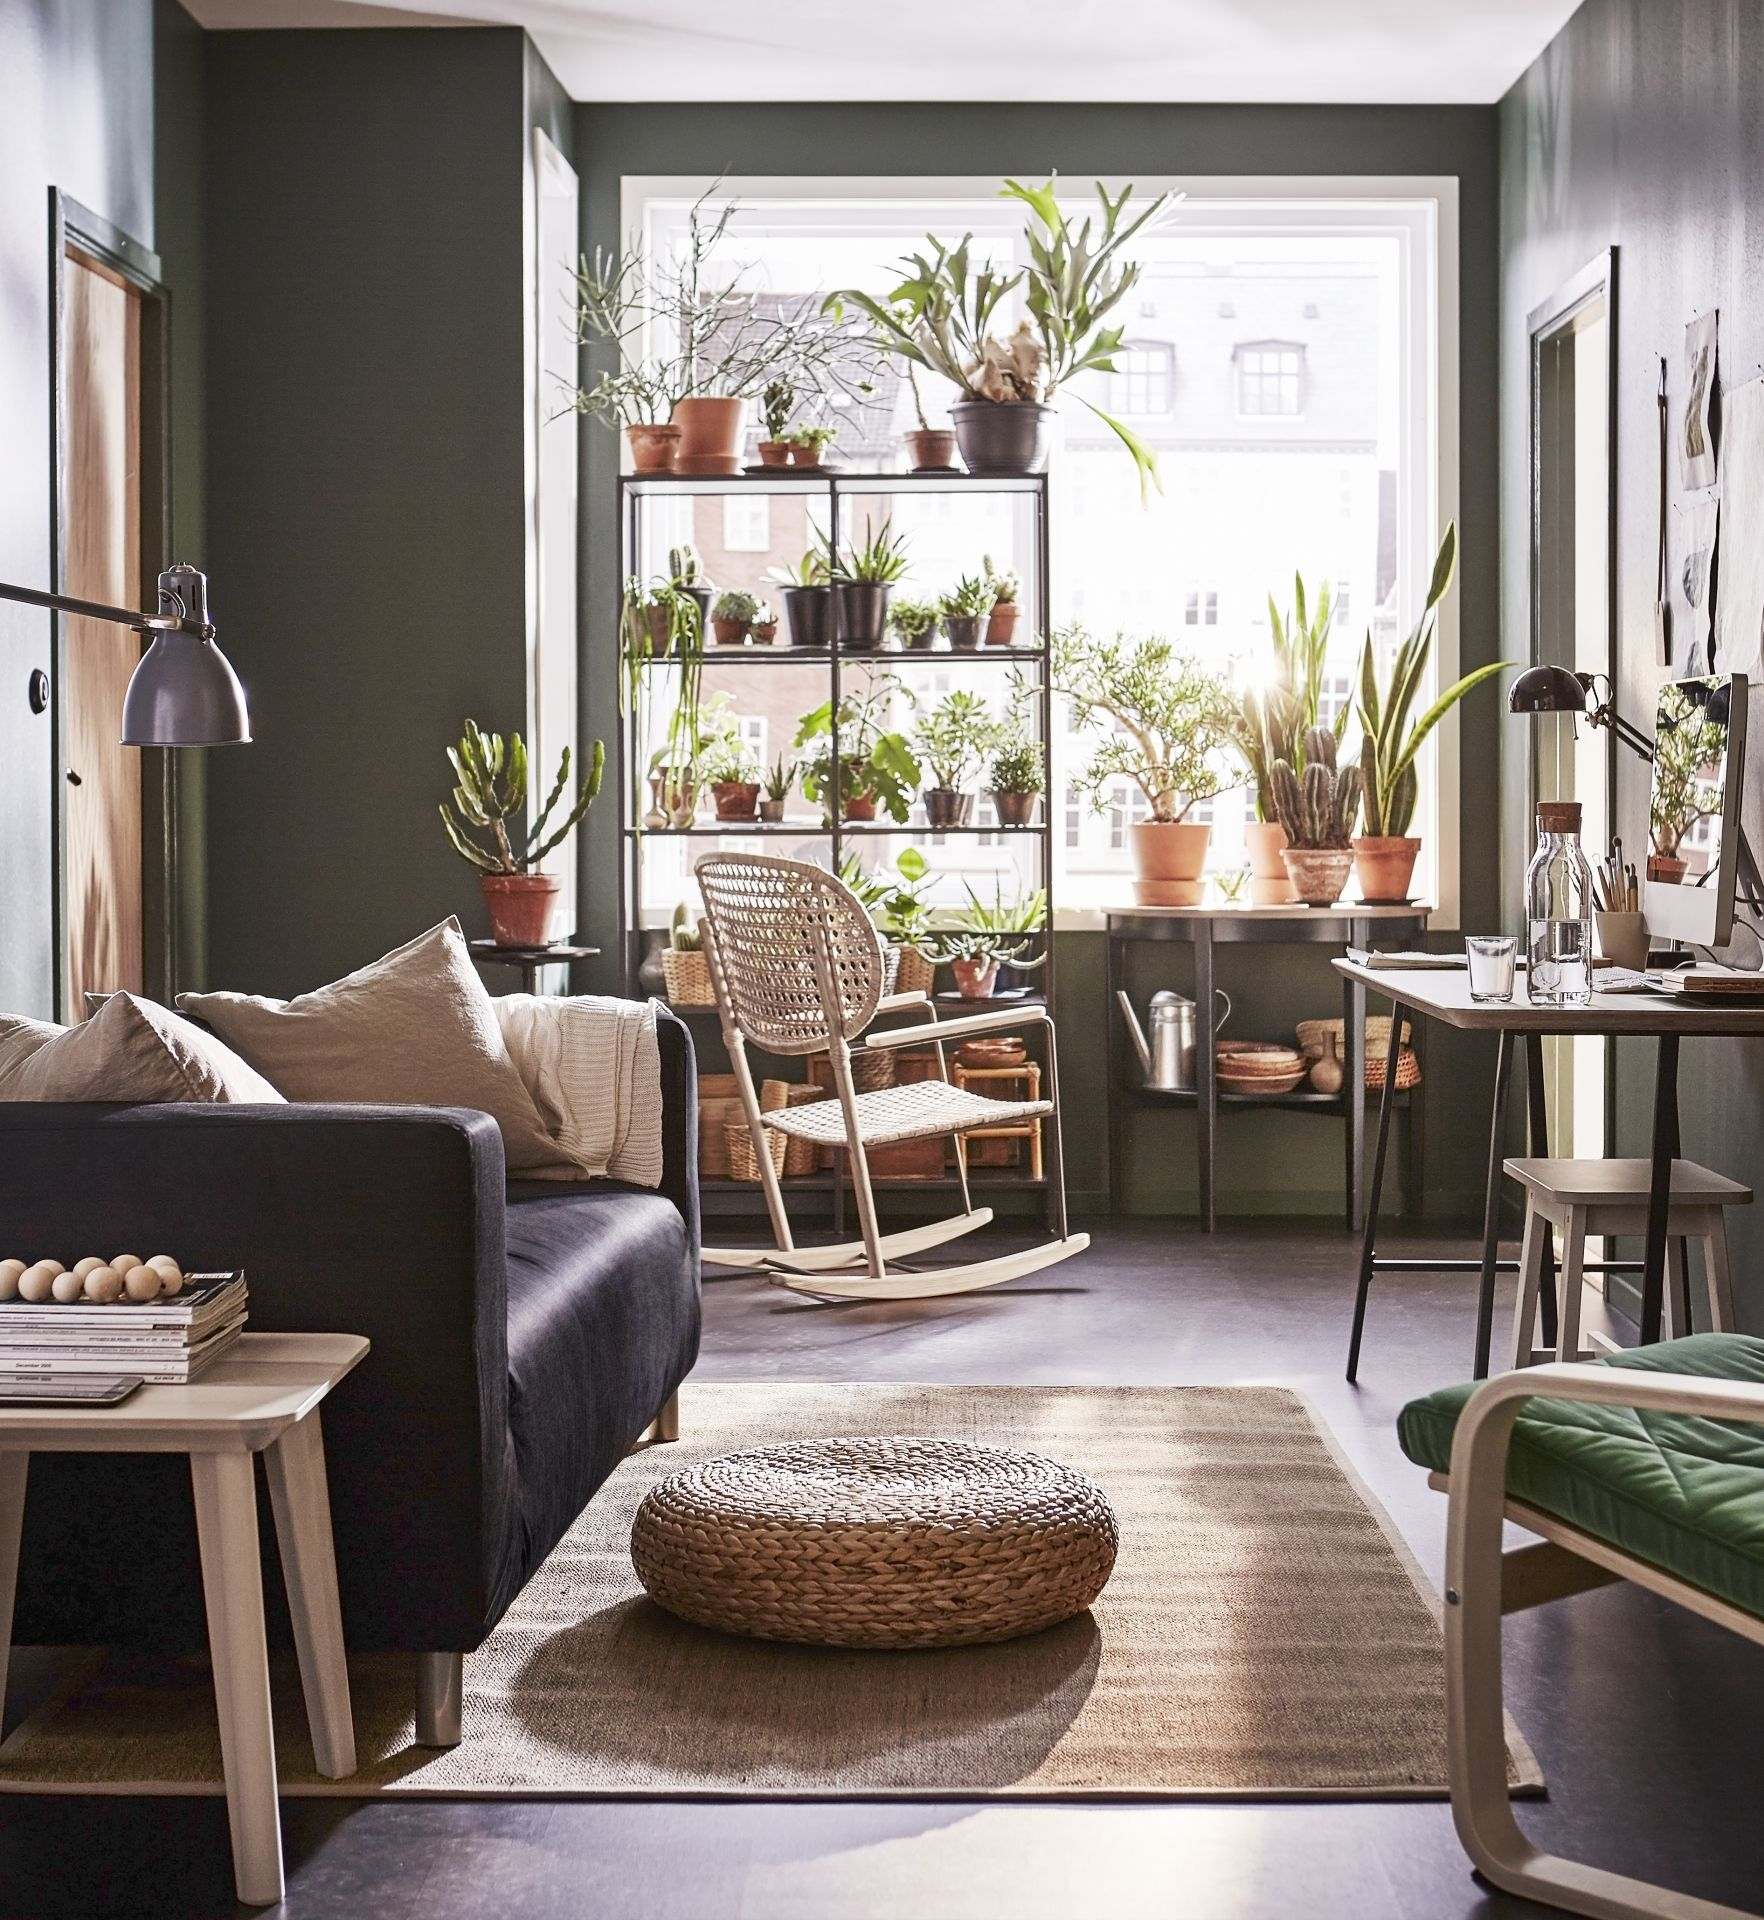 ALSEDA voetenbank | IKEA IKEAnl IKEAnederland inspiratie ...